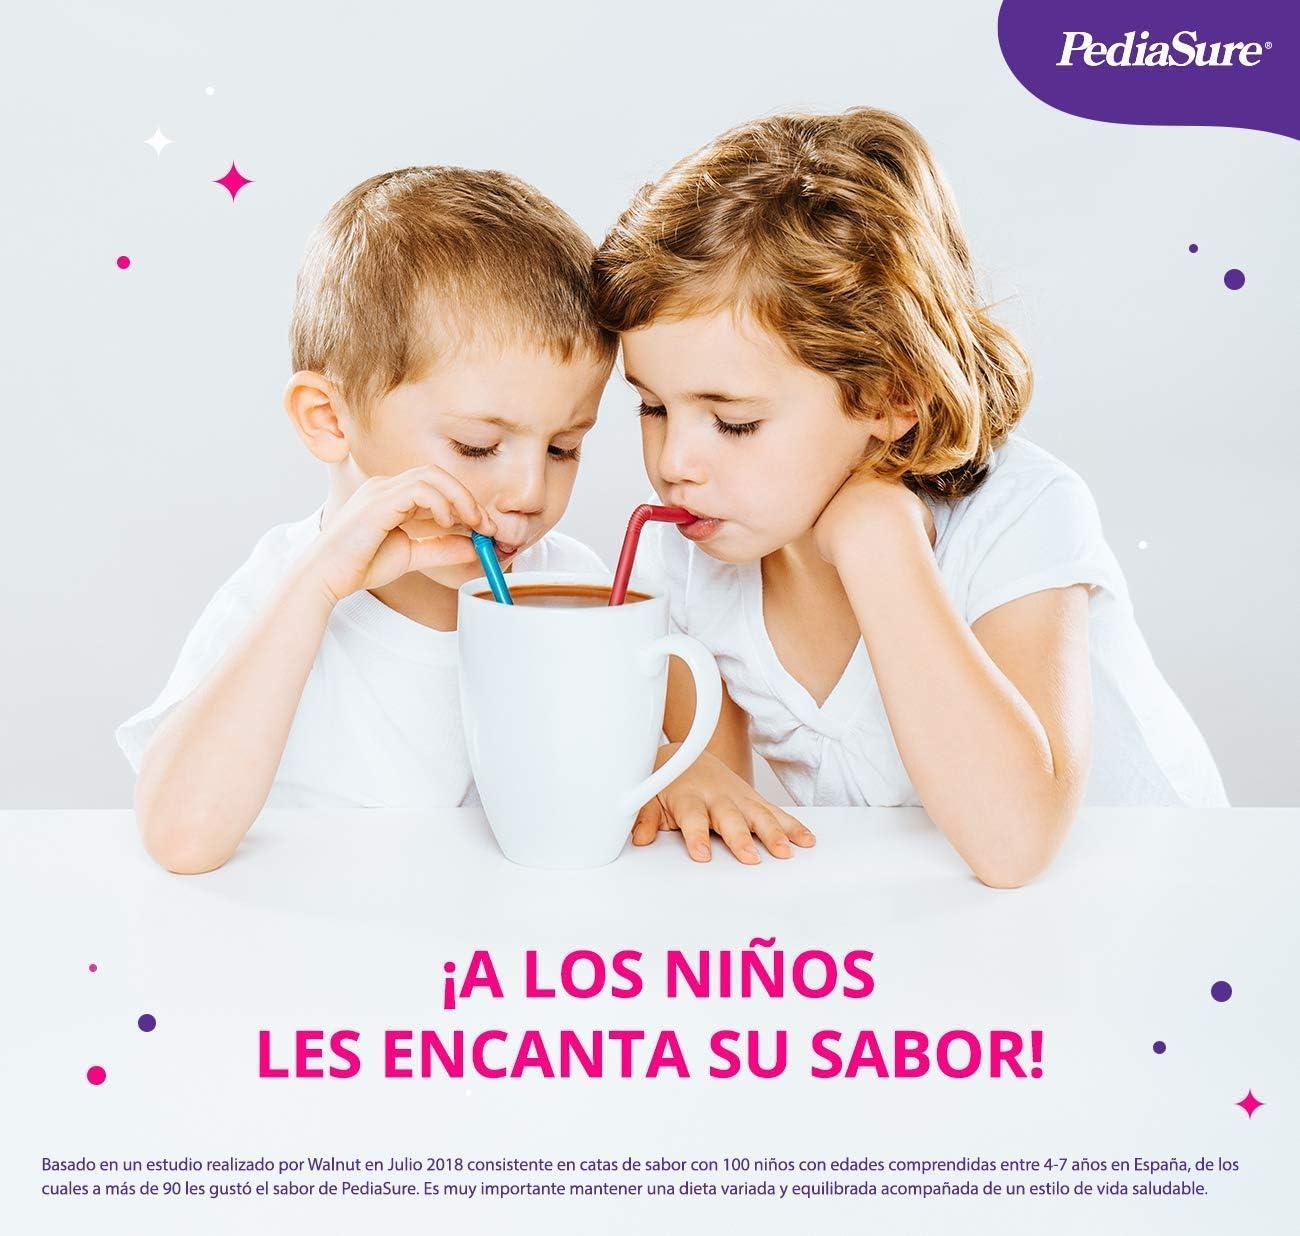 PediaSure - para Niños, Sabor Chocolate, con Proteínas, Vitaminas y Minerales - 850 gr: Amazon.es: Salud y cuidado personal